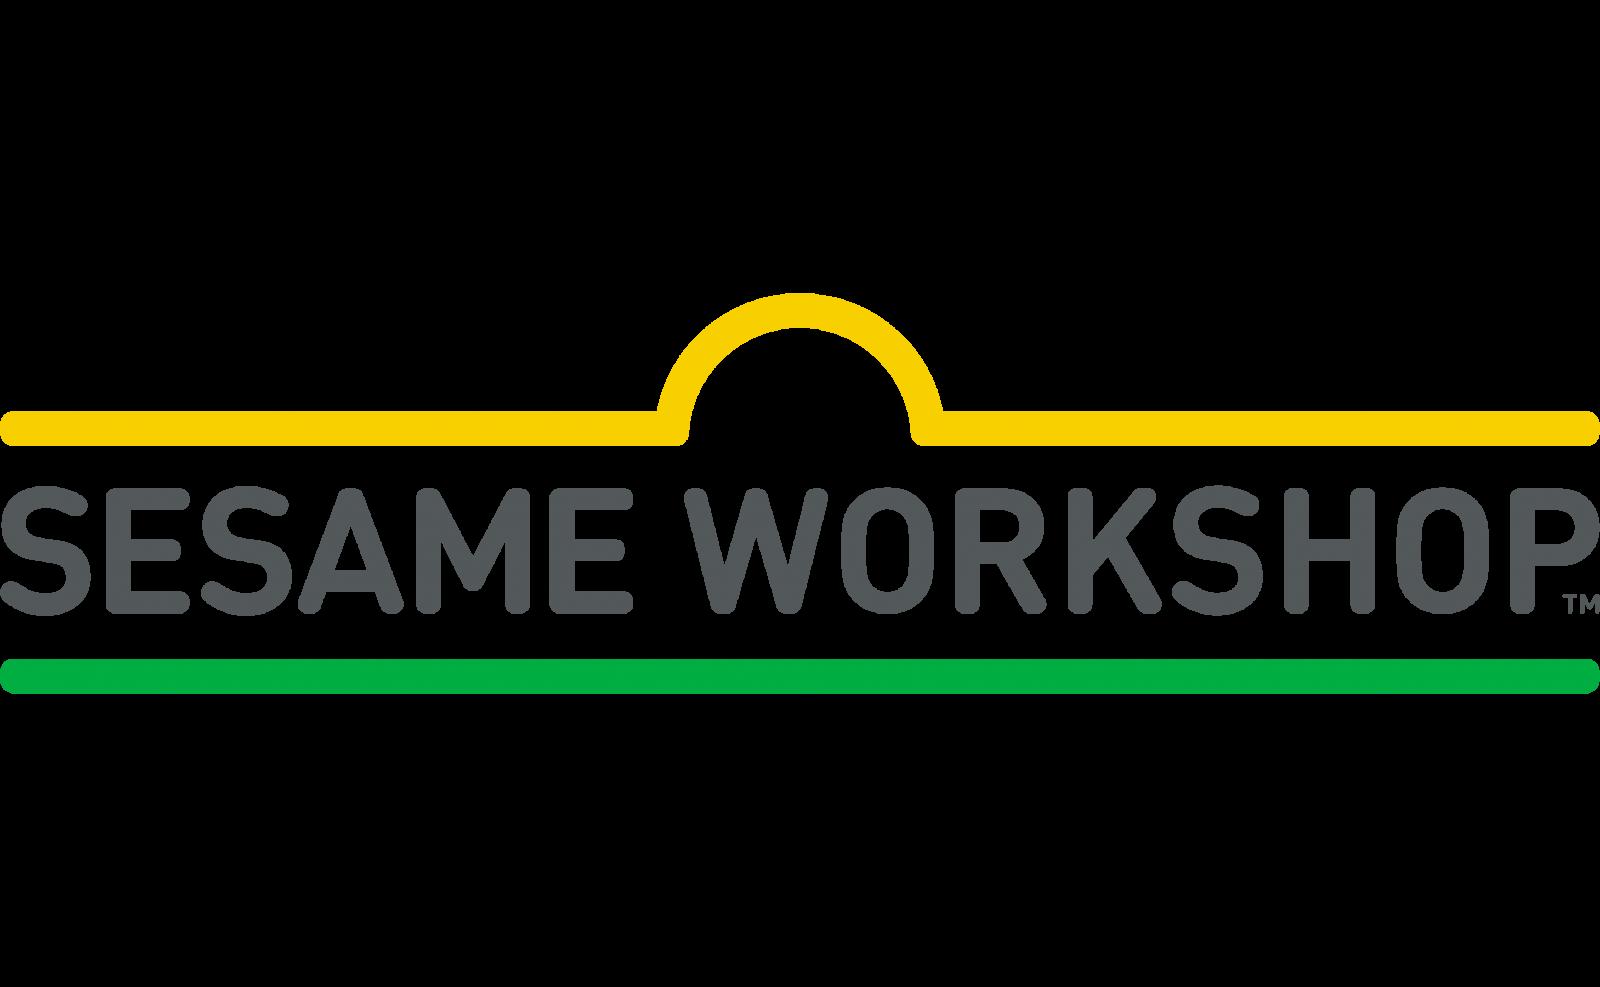 Sesame Workshop Beachwood Center Partner